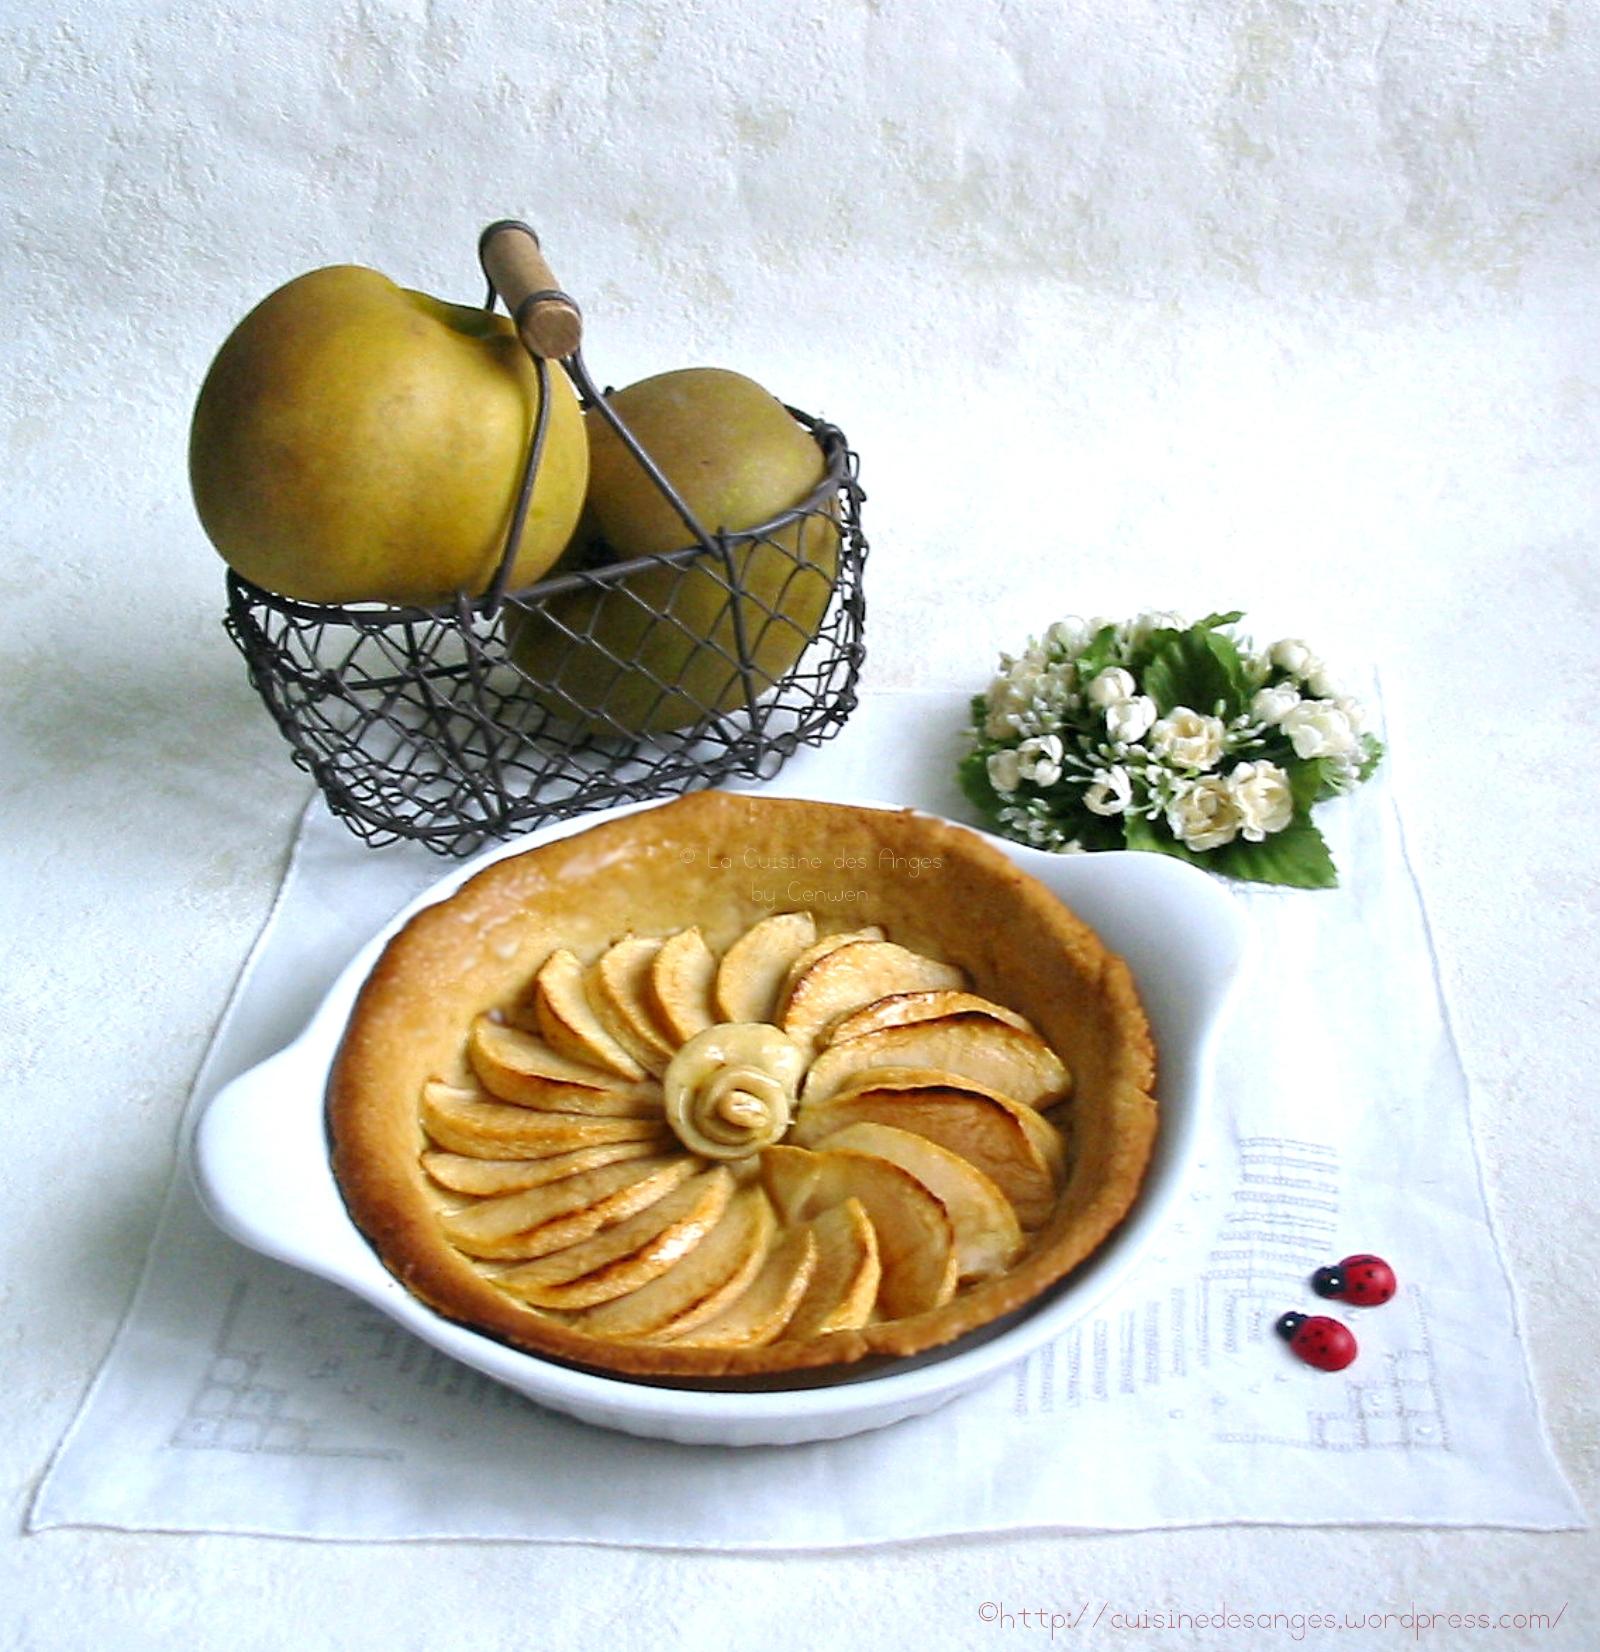 Recettes Tarte Aux Pommes: La Cuisine Des Anges